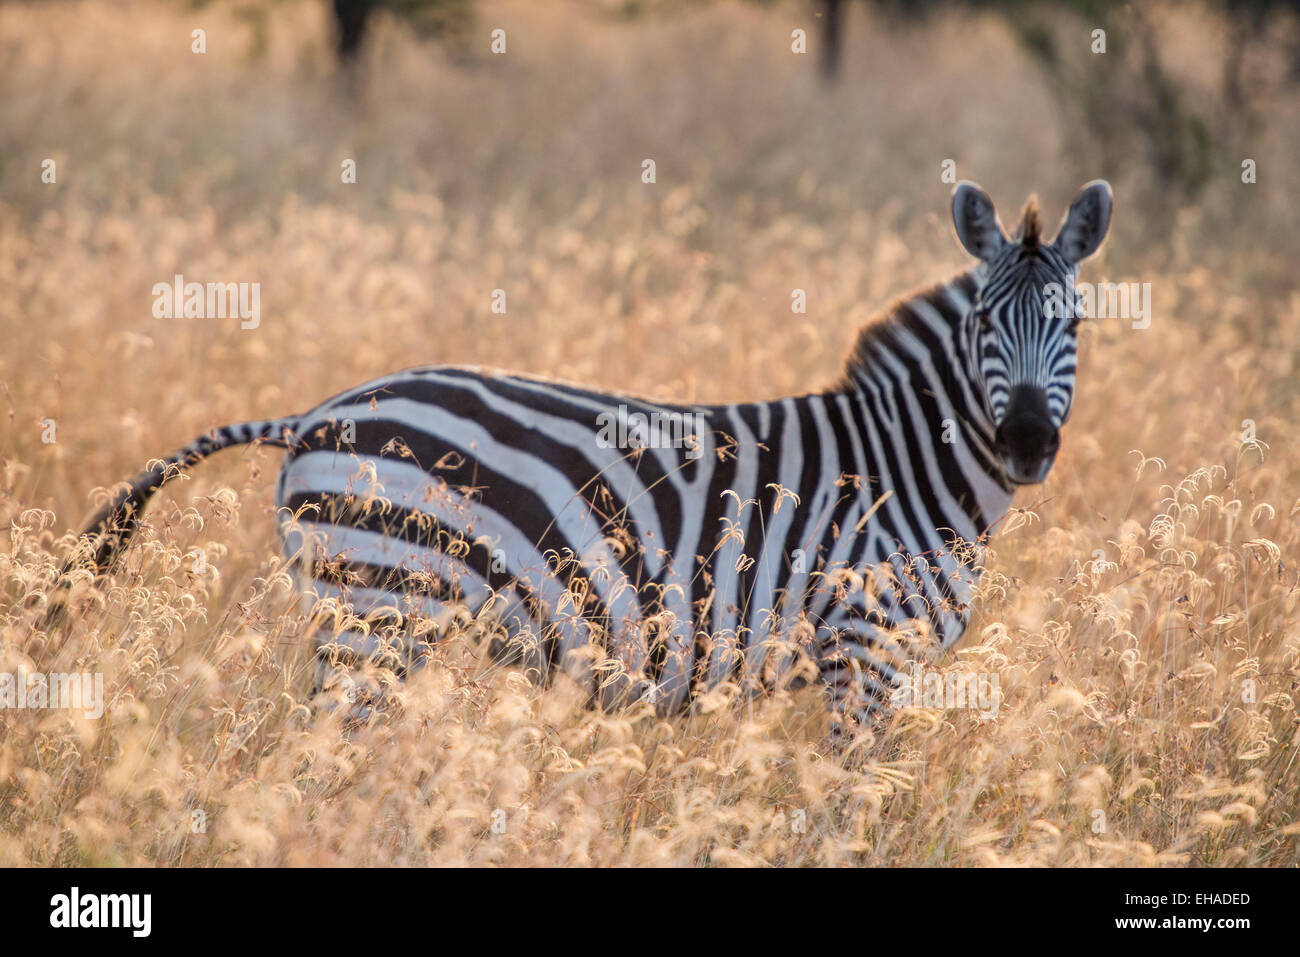 Serengeti NP, Zebra - Stock Image